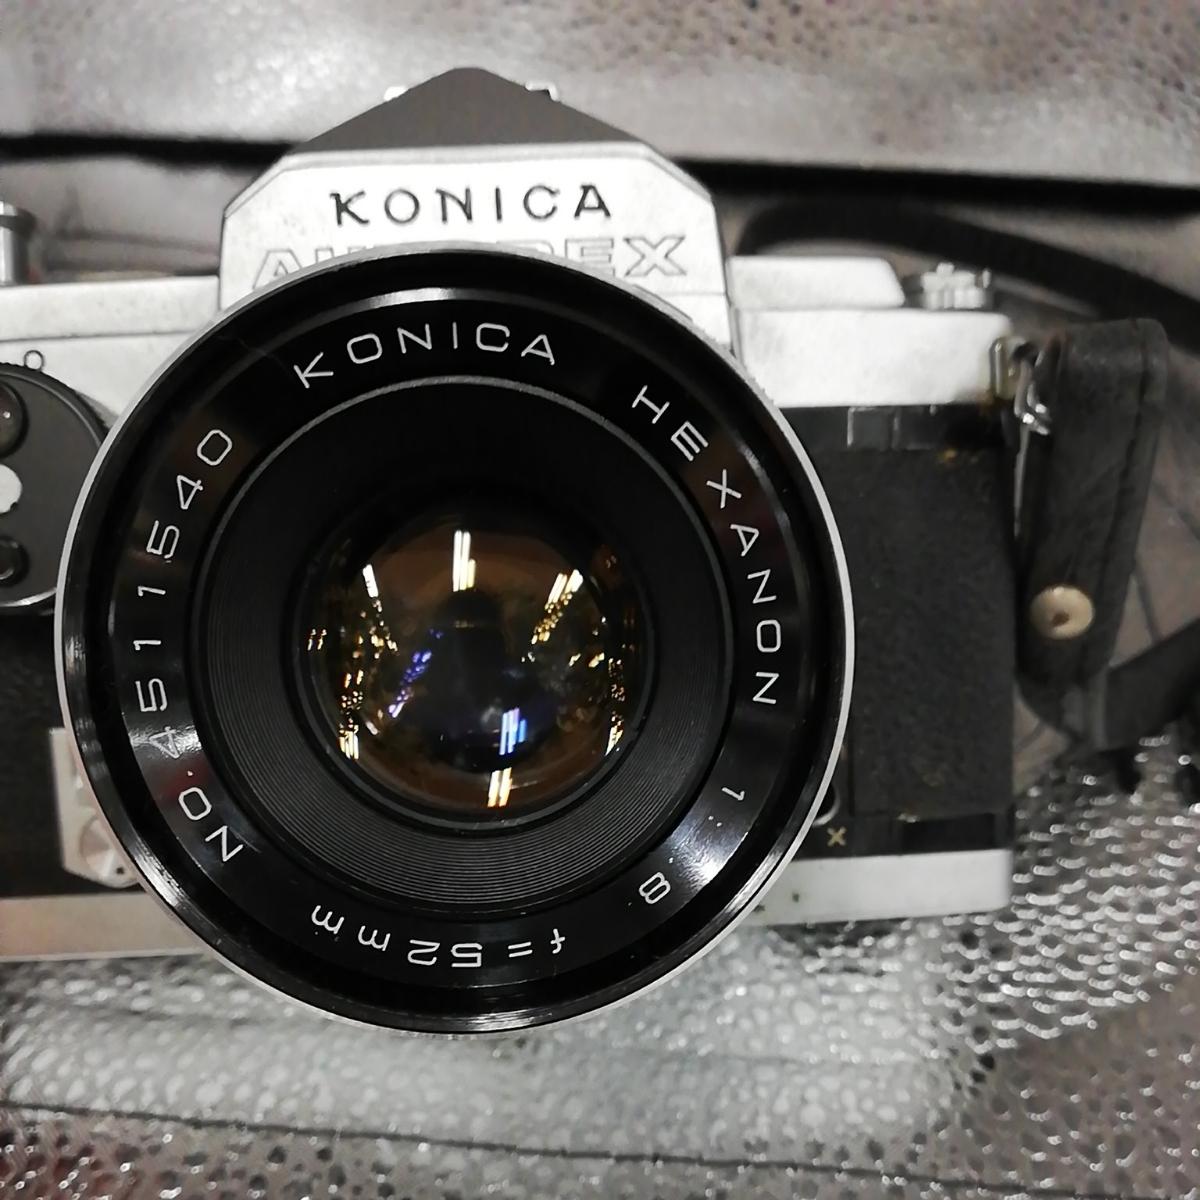 【中古品】KONICA コニカ オートレックス 一眼レフカメラ _画像2